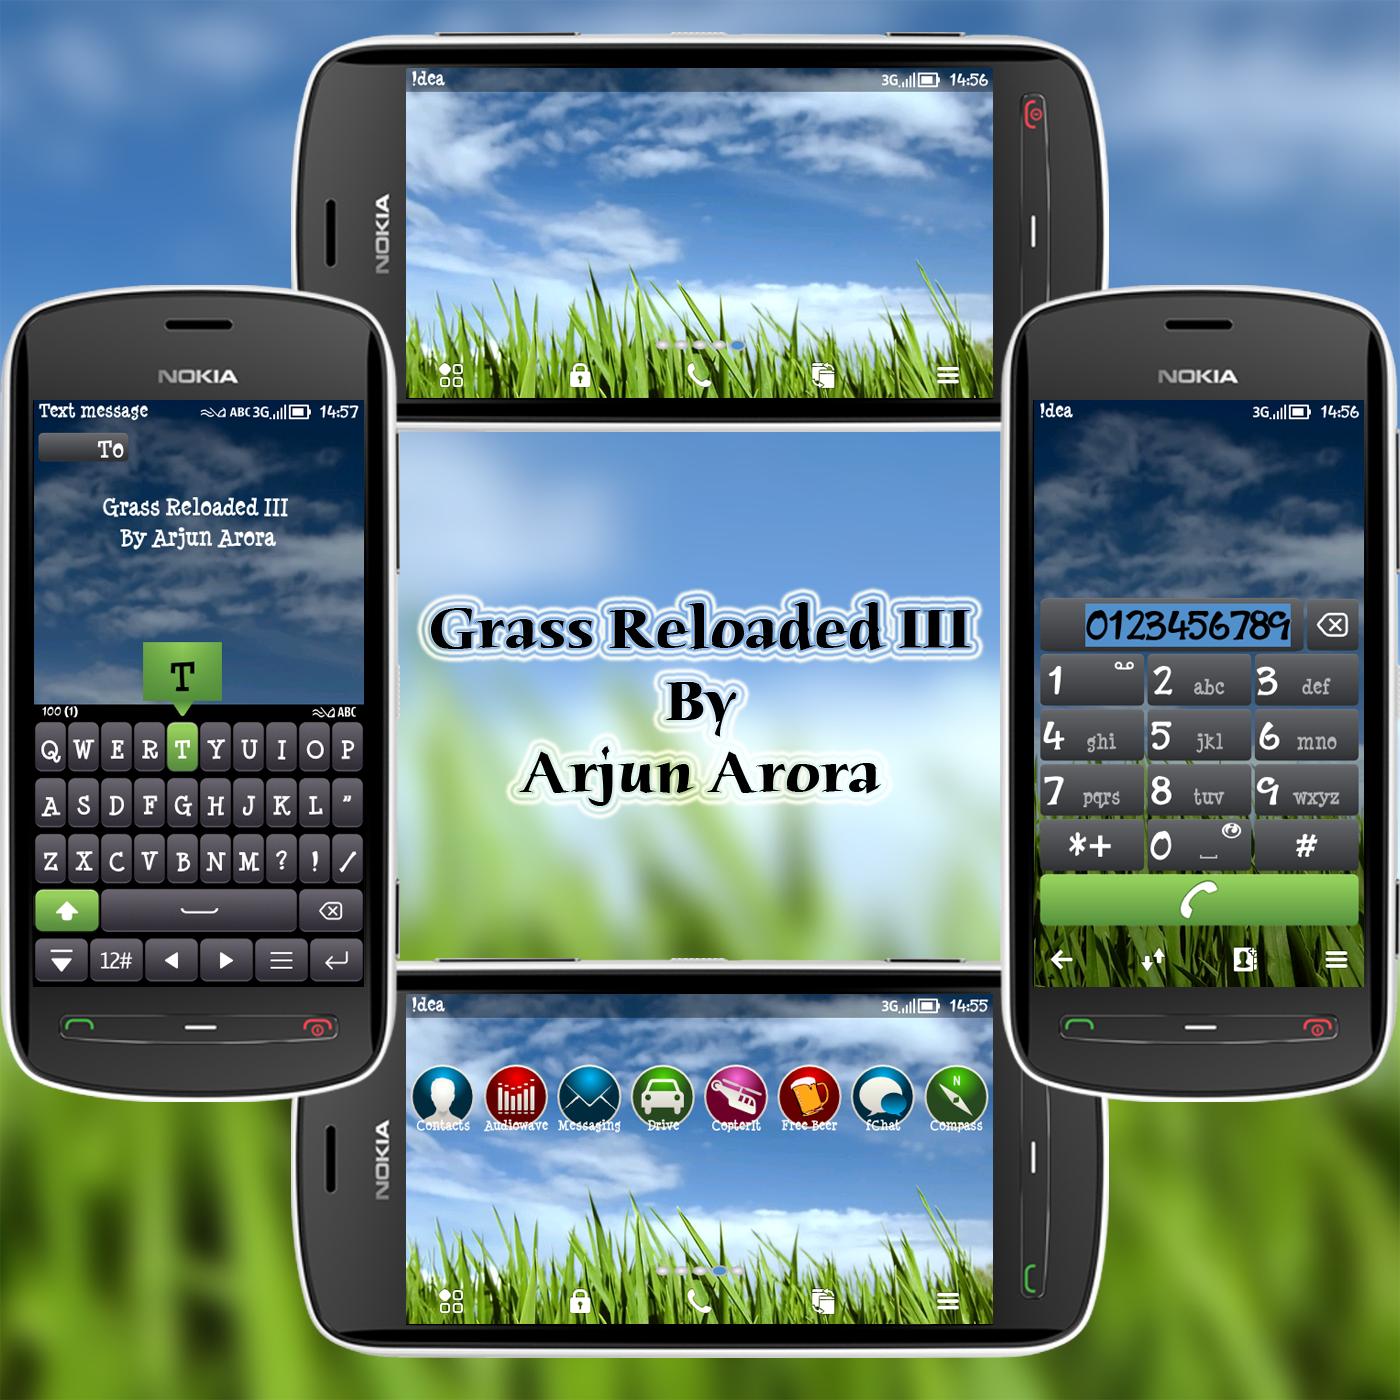 http://2.bp.blogspot.com/-_DSi1hd9ZUw/T7zmHoDzwJI/AAAAAAAAAZc/ndYakS3zfS4/s1600/Grass-III-Nokia-2.png